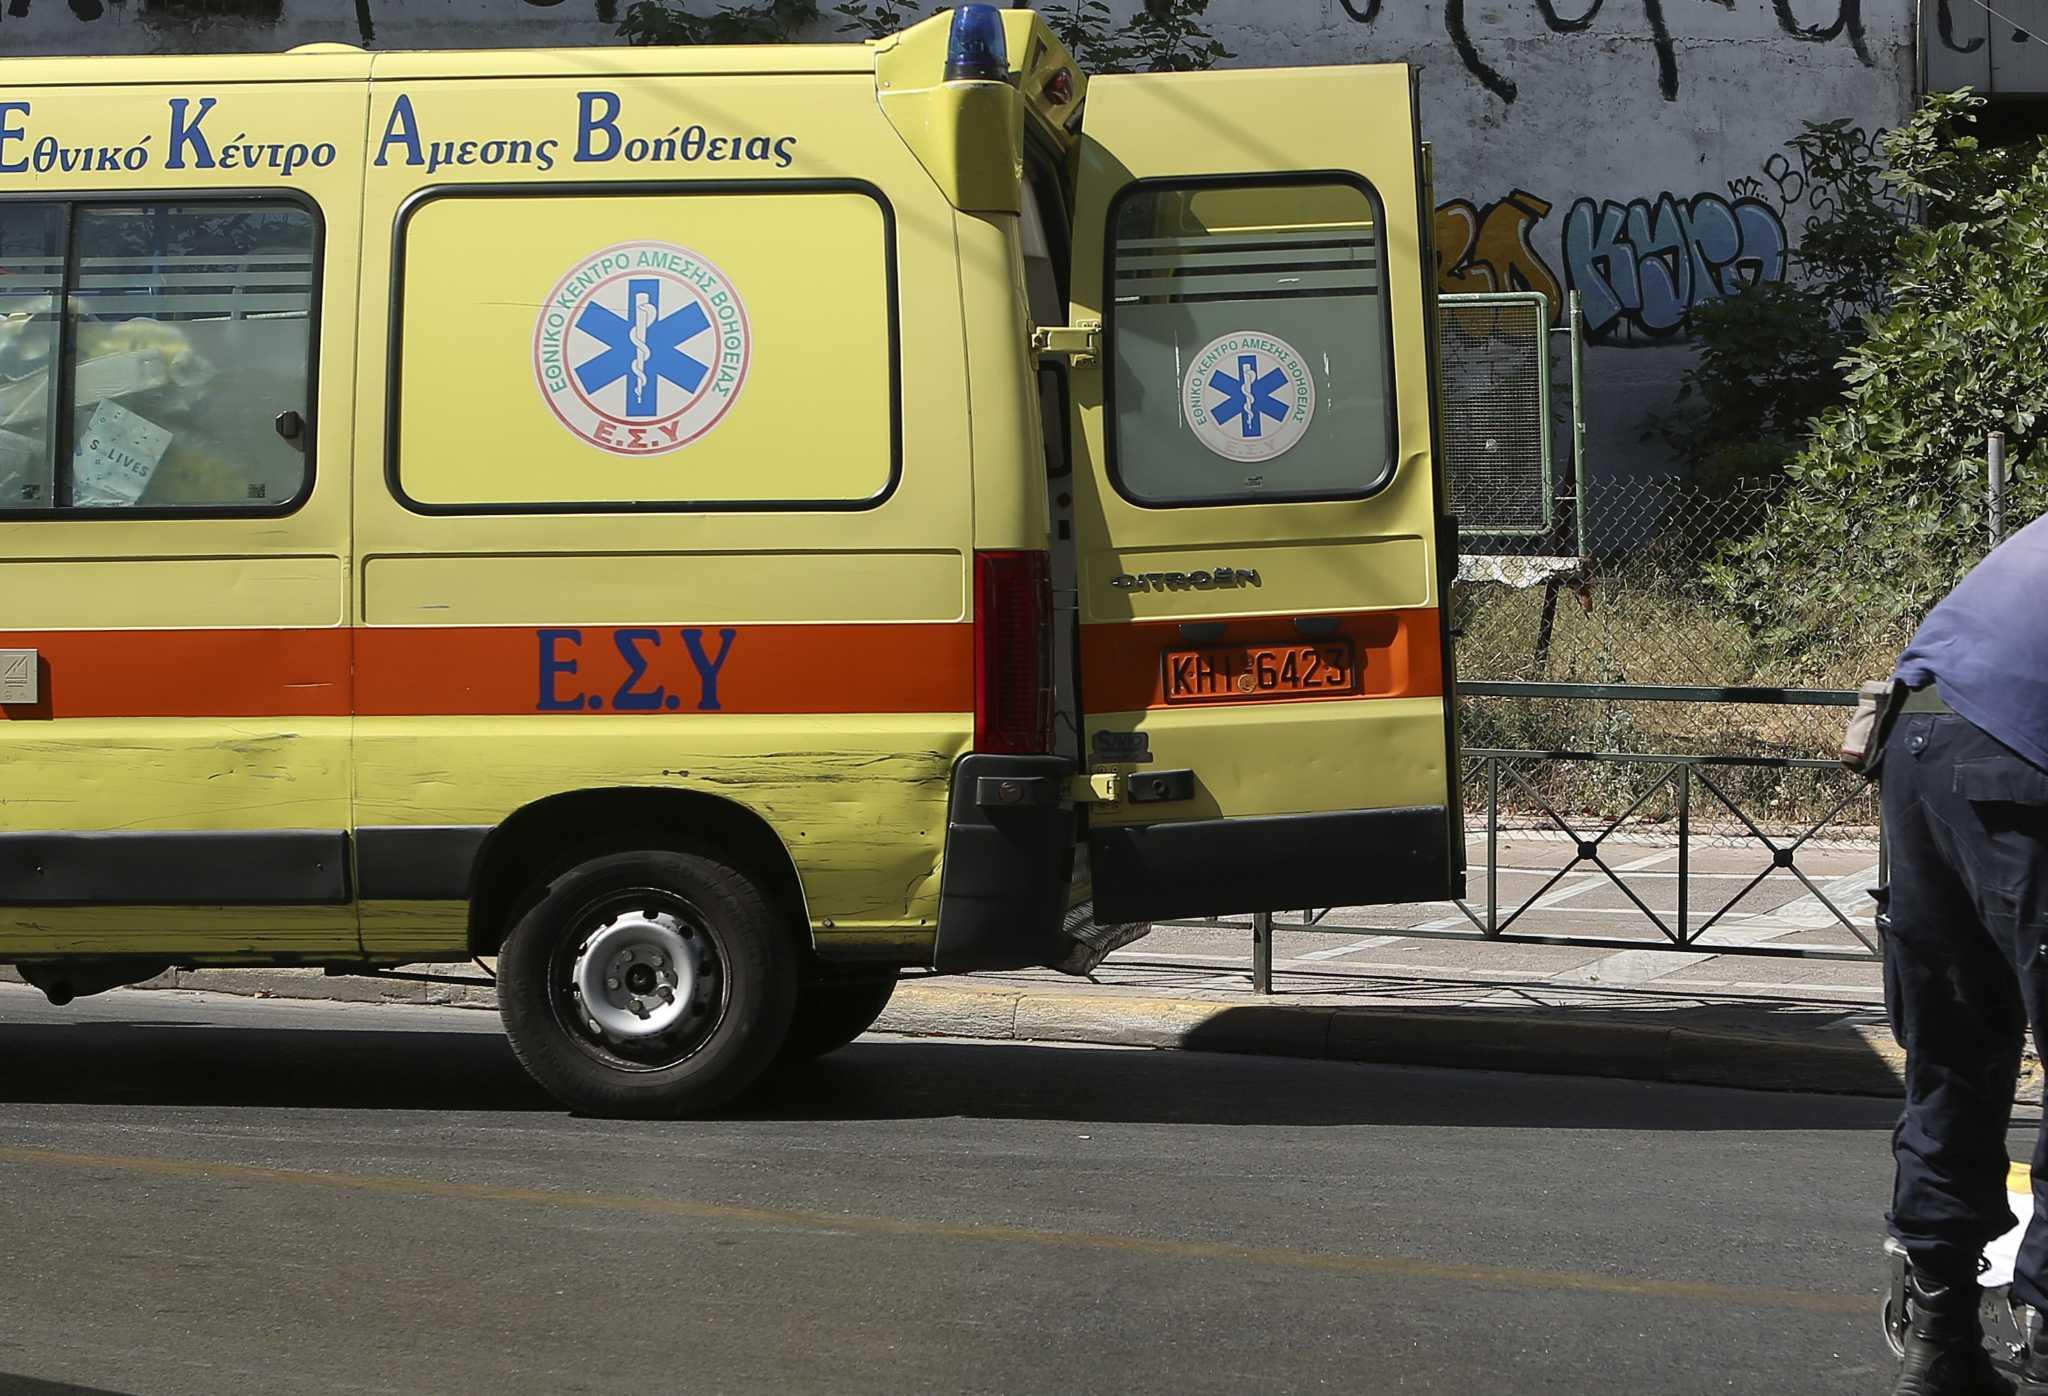 Αναστάτωση στο νοσοκομείο Αμαλιάδας – Χειρουργημένος ασθενής διαγνώστηκε με κορονοϊό